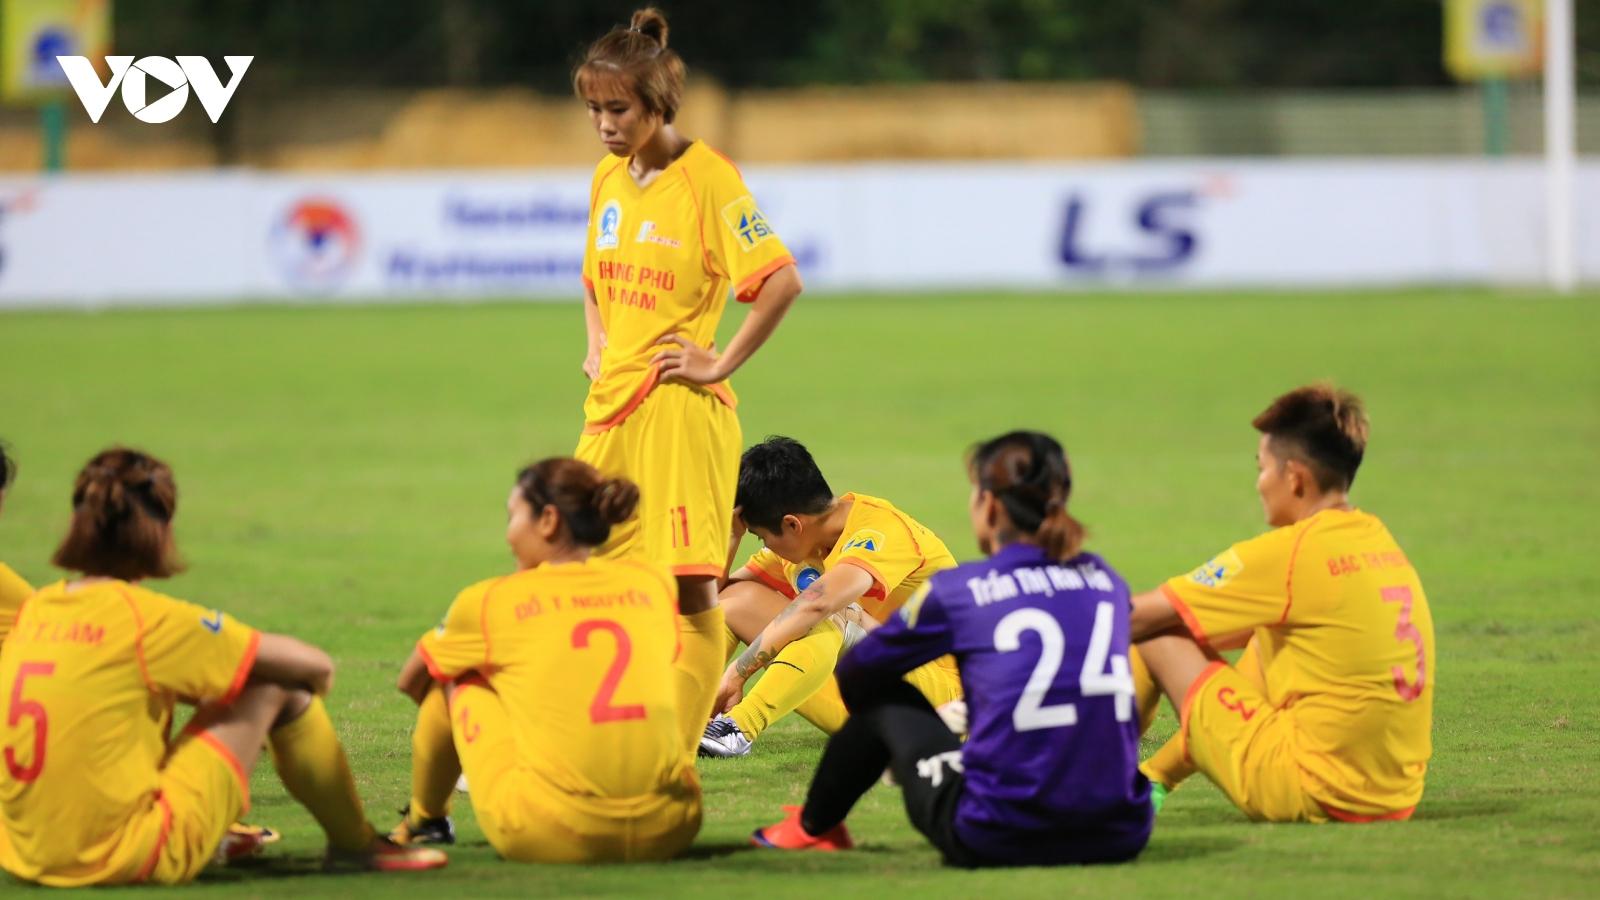 Bức xúc trọng tài, đội nữ Hà Nam bỏ ngang trận đấu ở giải bóng đá nữ VĐQG 2020